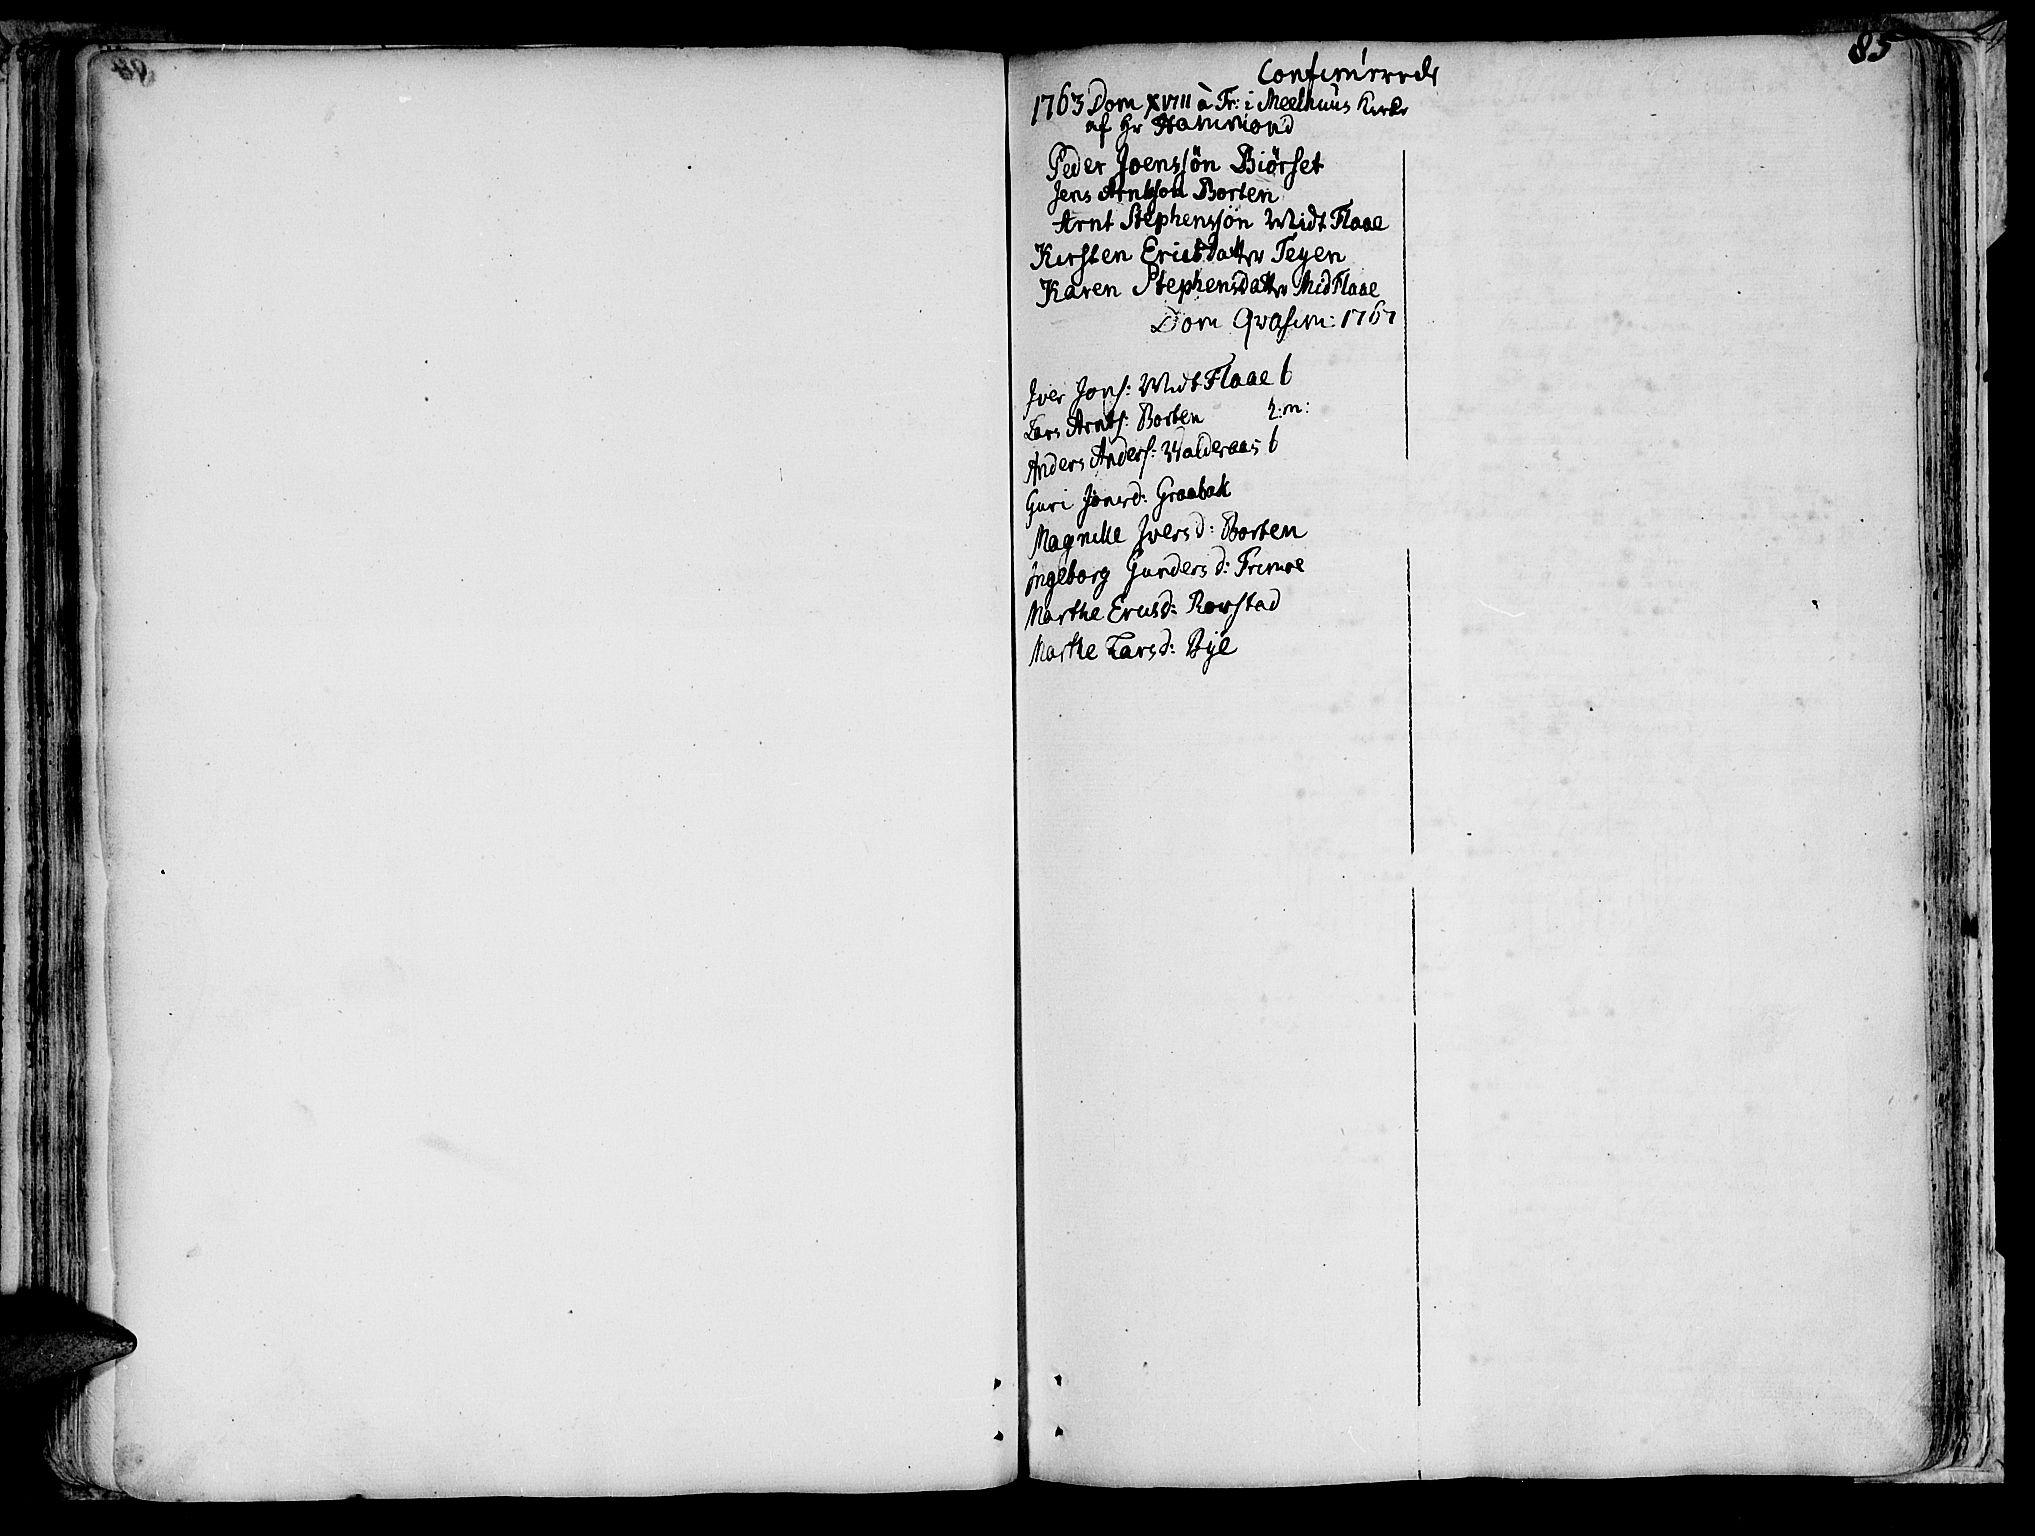 SAT, Ministerialprotokoller, klokkerbøker og fødselsregistre - Sør-Trøndelag, 691/L1057: Ministerialbok nr. 691A01 /1, 1740-1767, s. 85